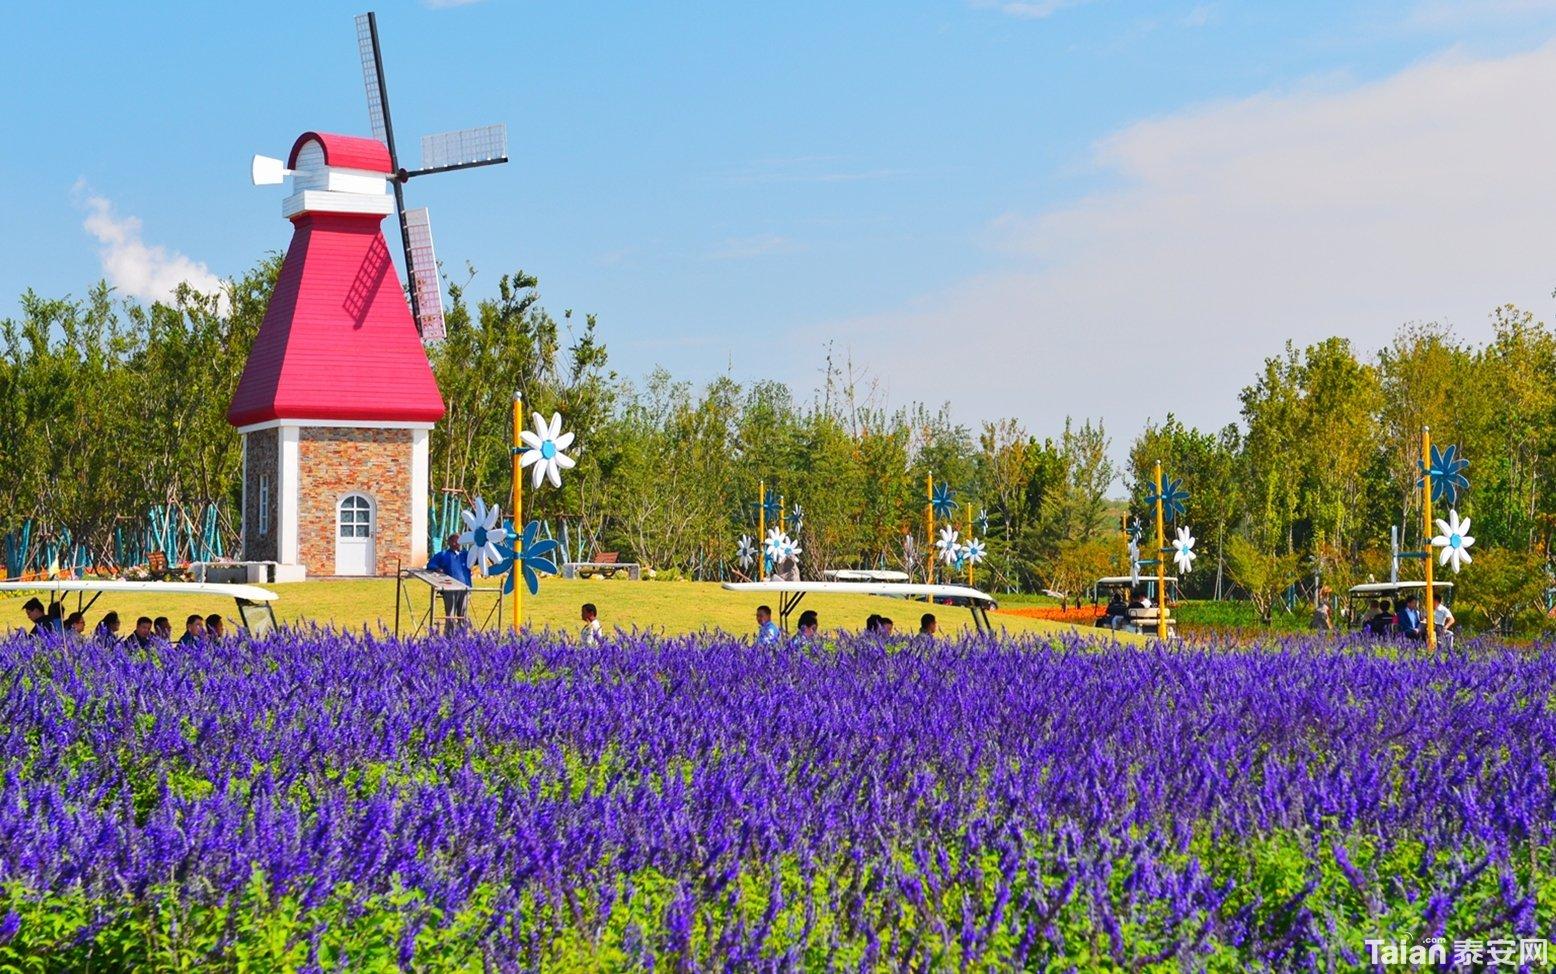 4月8号泰山天颐湖旅游度假区正式开园